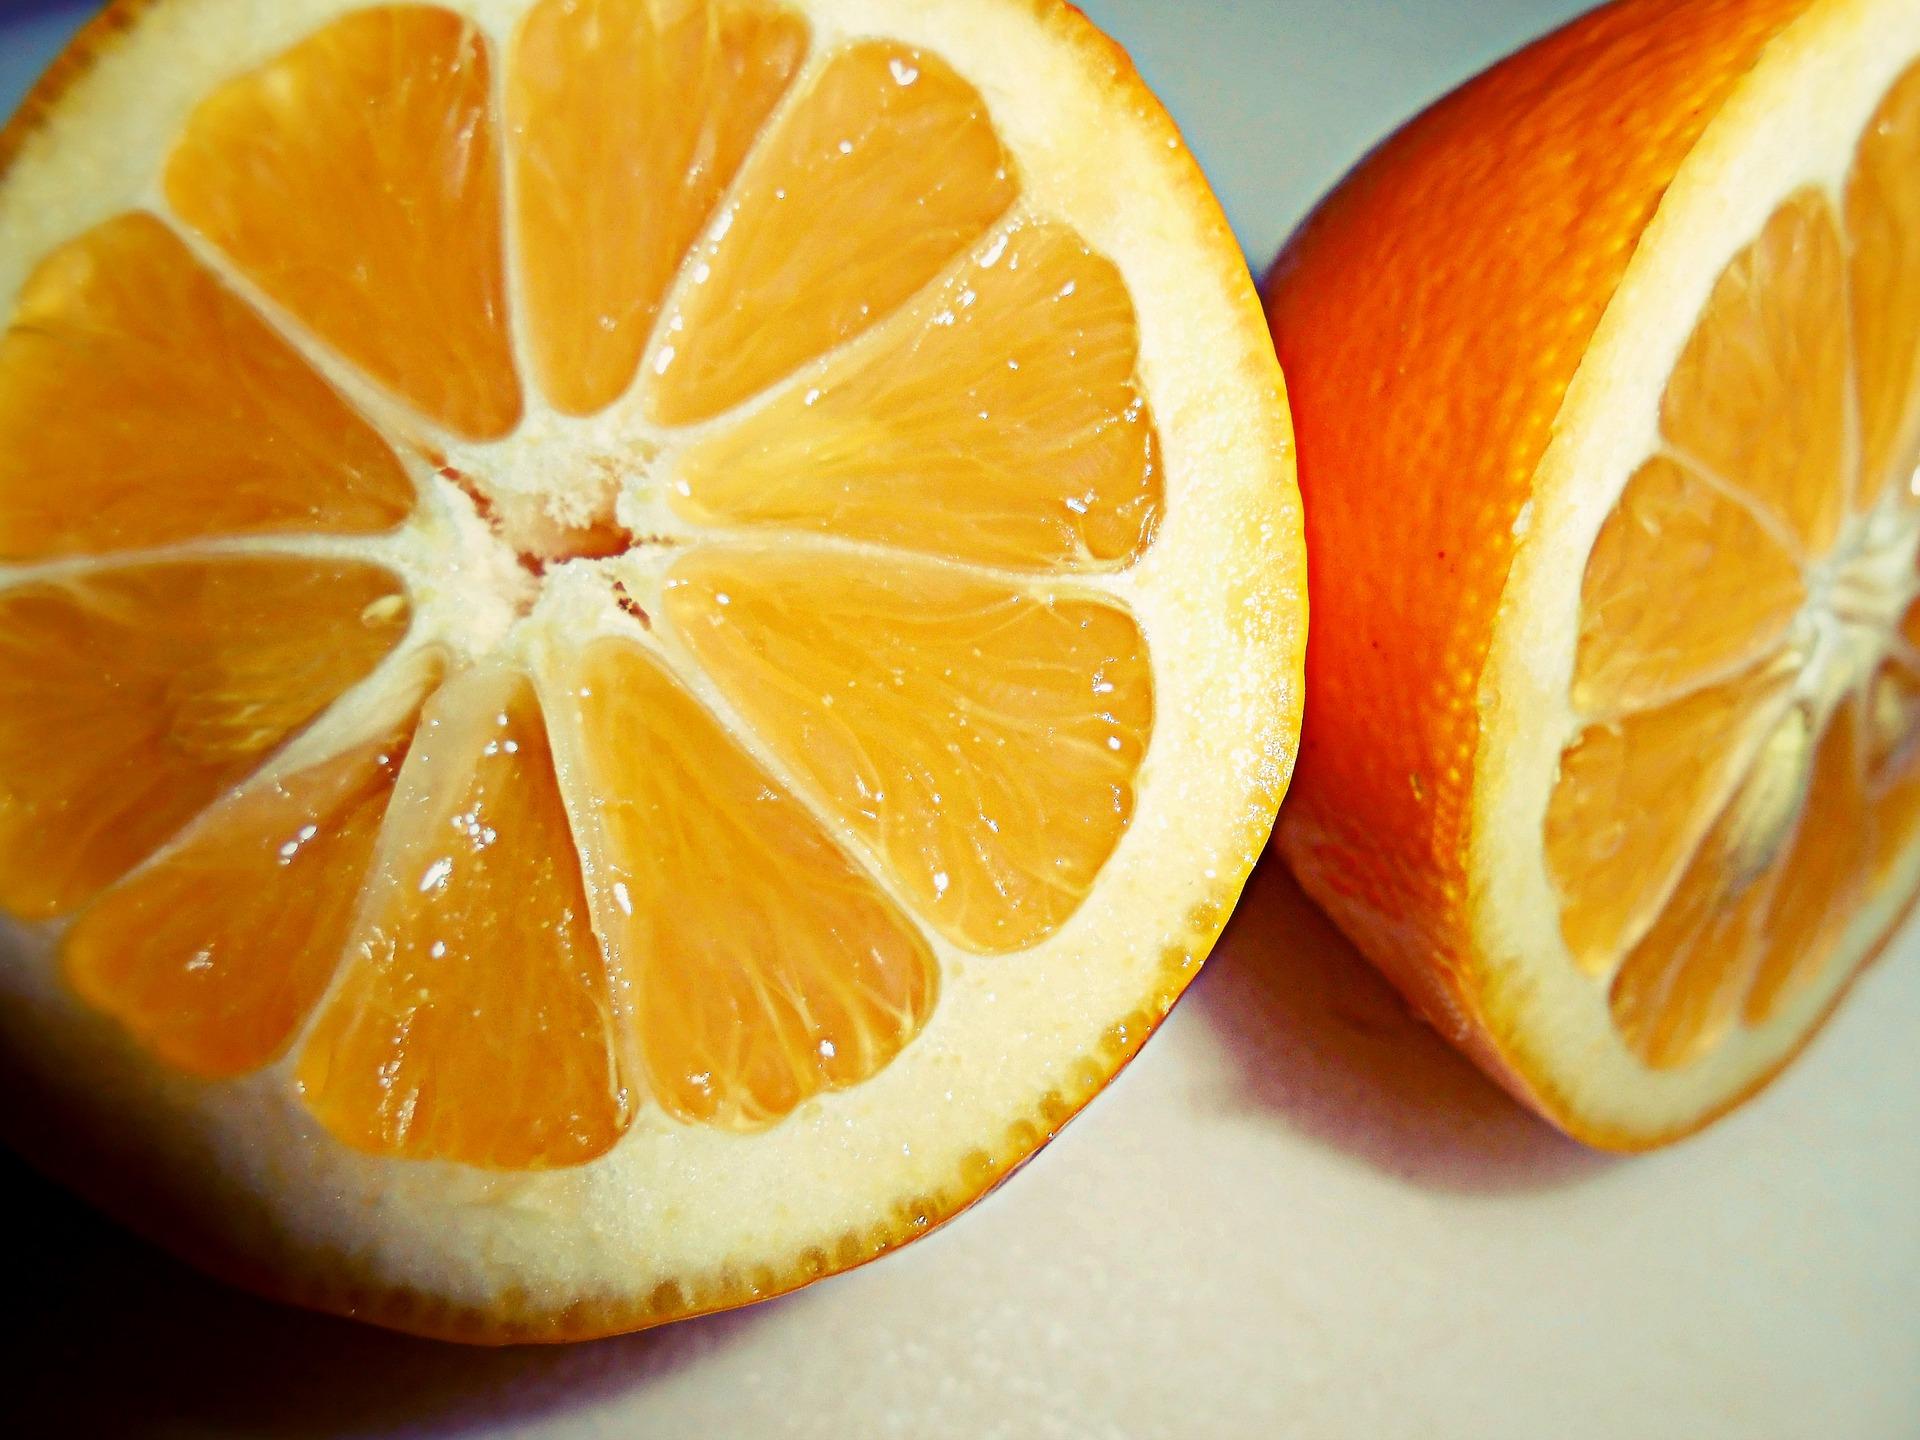 a split open Meyer lemon